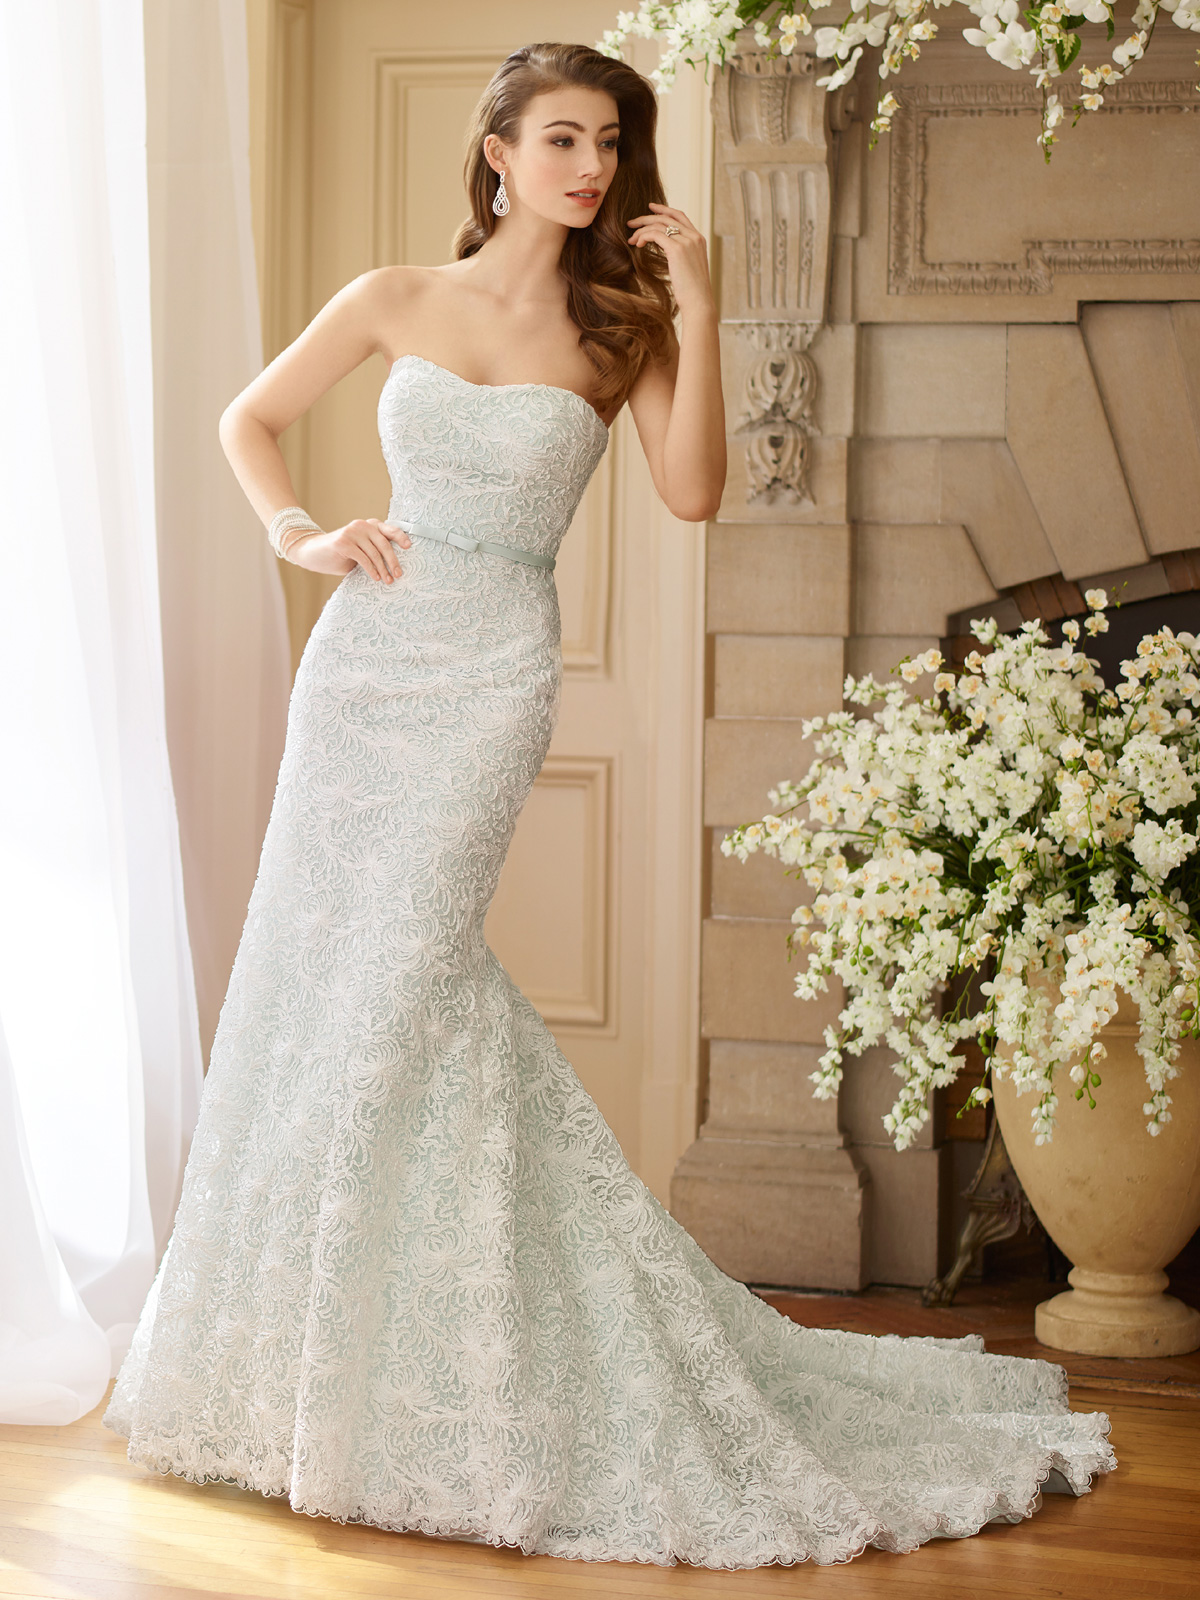 Vestido de Noiva chiquérrimo tomara que caia com corte sereia bem estruturado, todo confeccionado com renda francesa flocada e detalhe sutil de cinto em cetim.